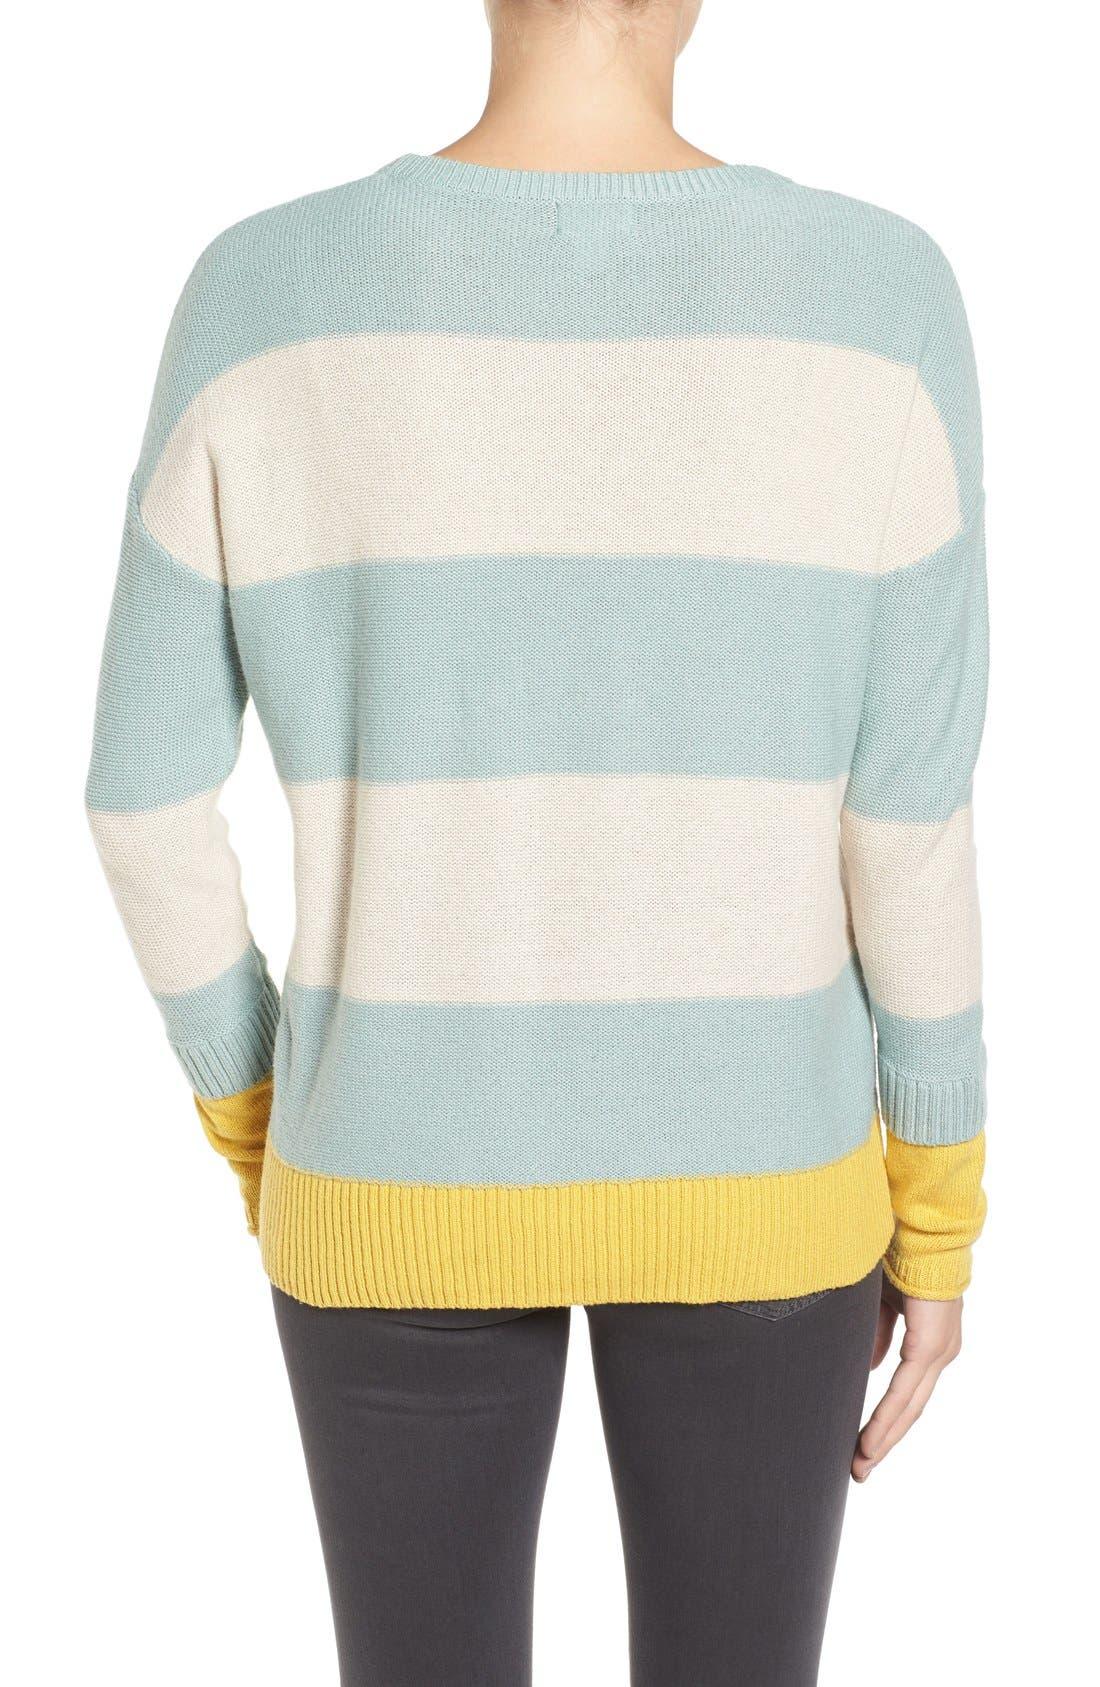 Alternate Image 2  - Caslon® Contrast Cuff Crewneck Sweater (Regular & Petite)